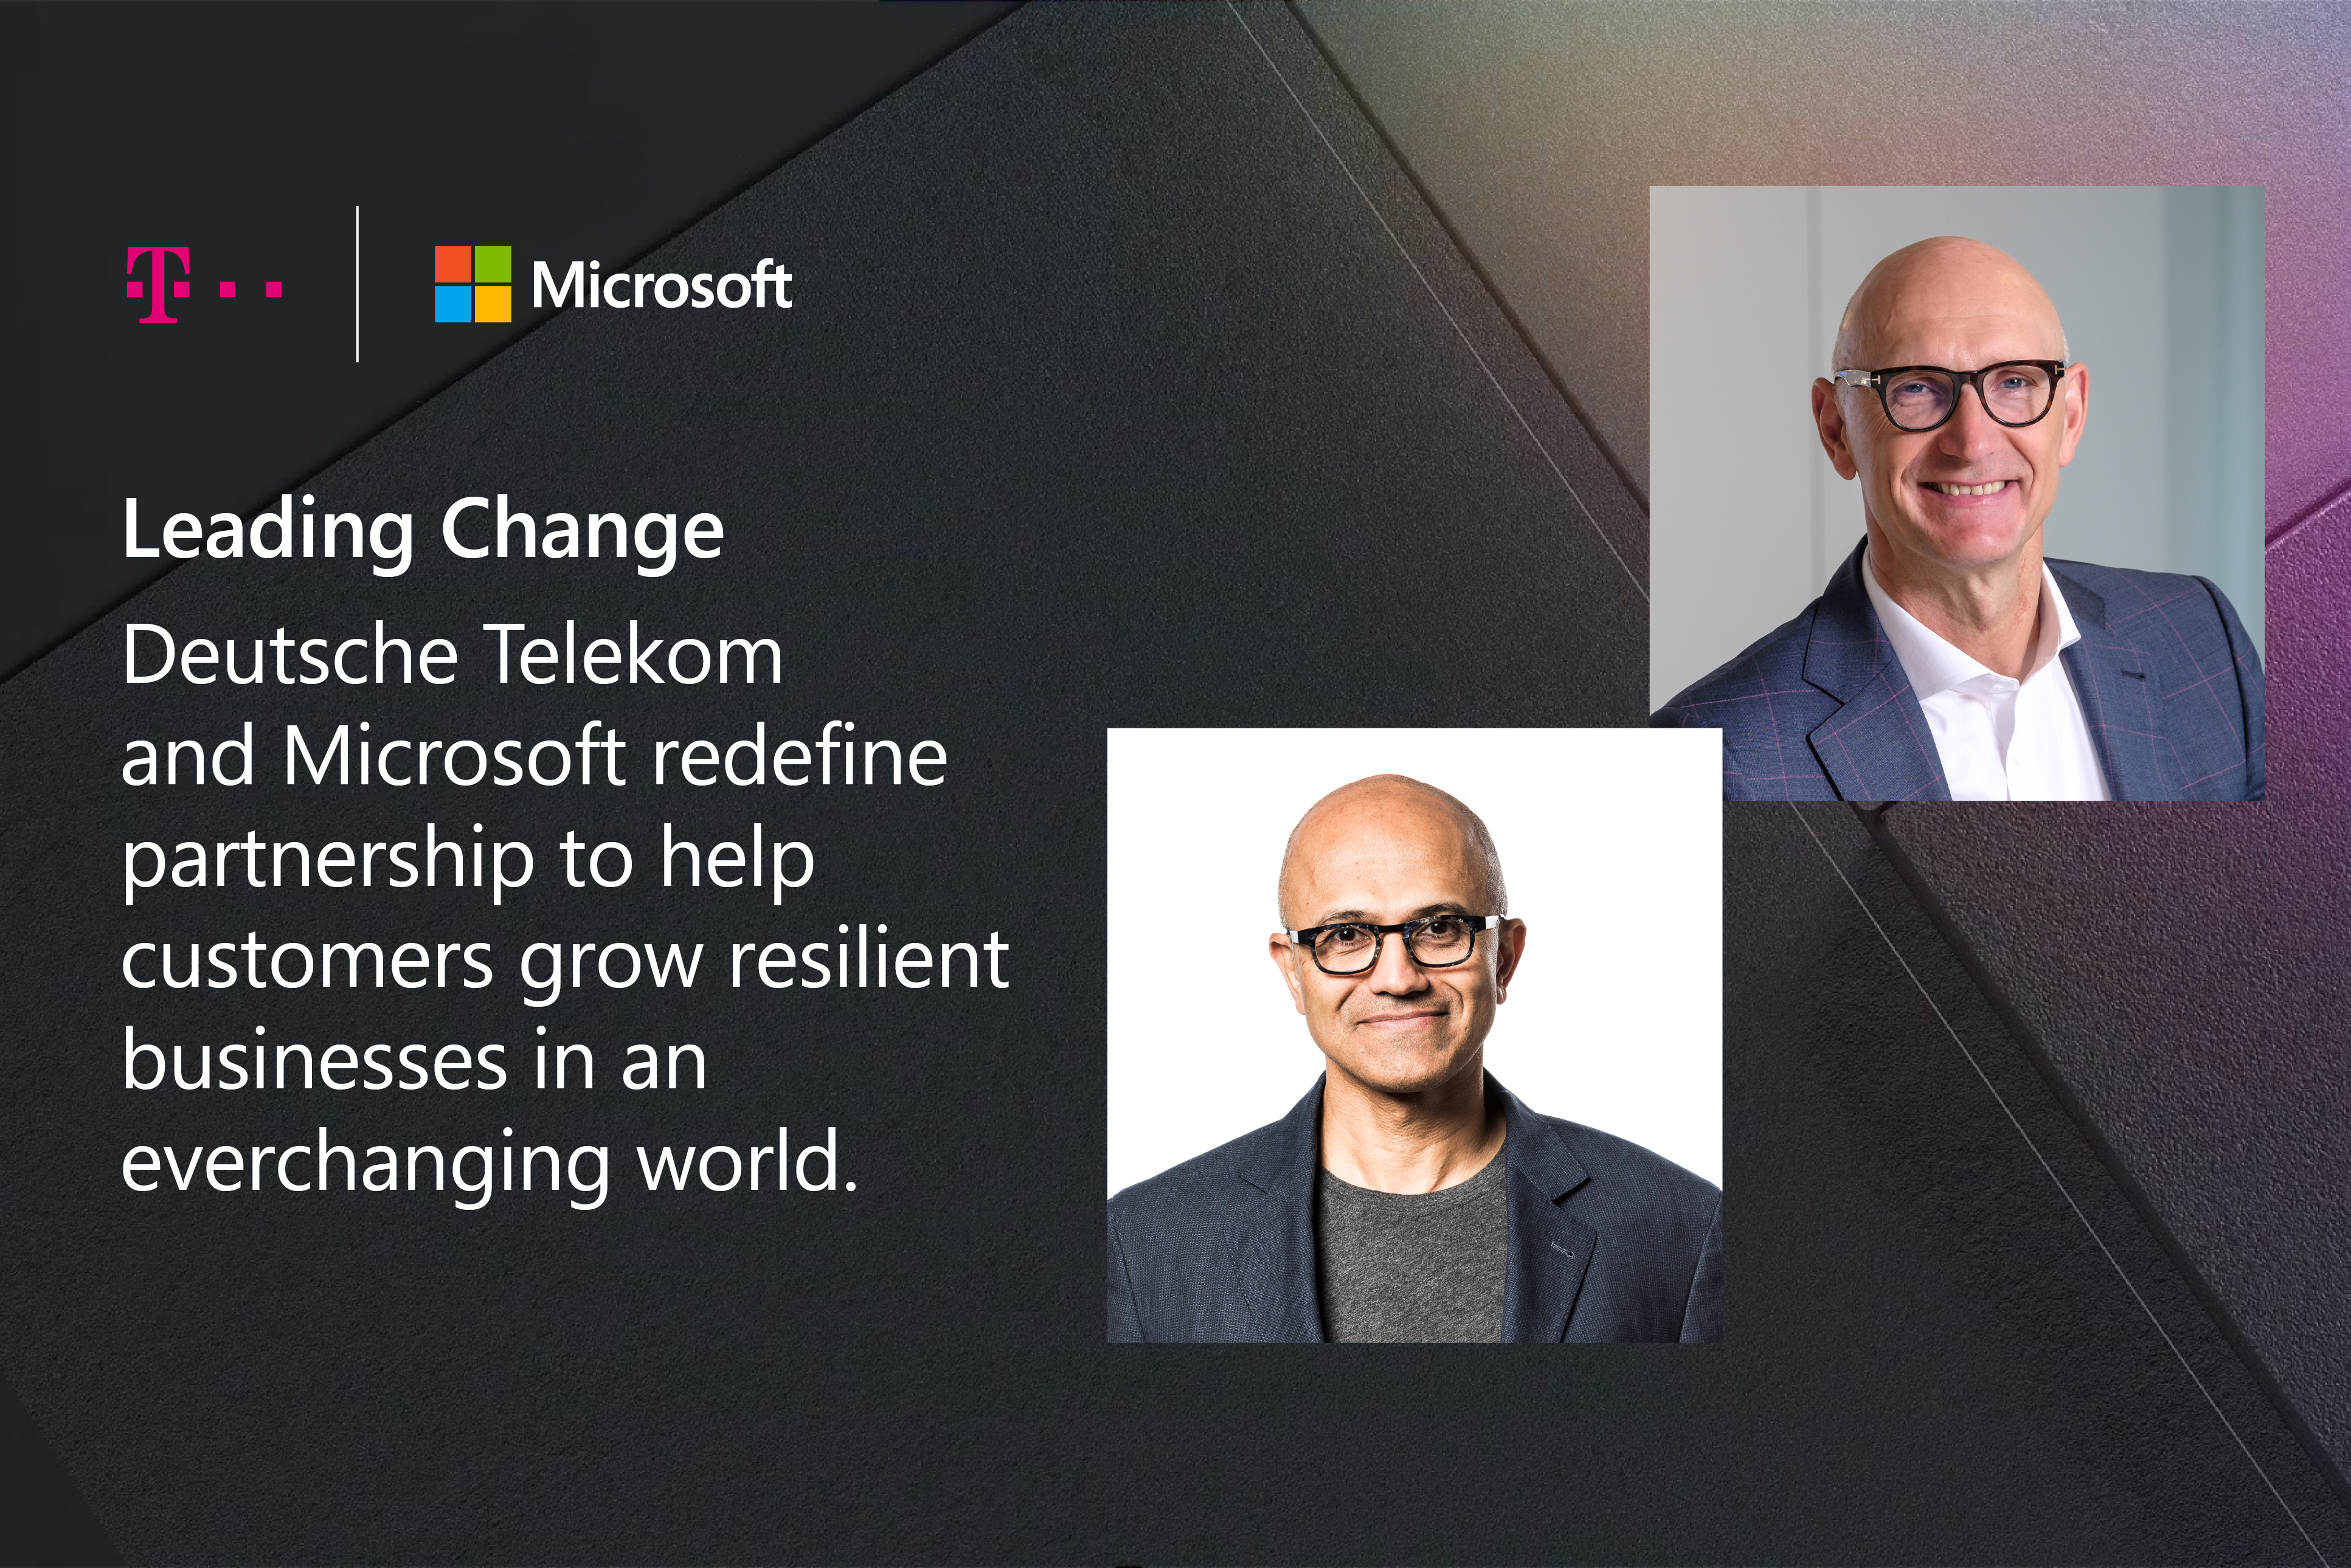 Portretfoto's van Tim Höttges en Satya Nadella incl. verklaring over de samenwerking tussen Deutsche Telekom en Microsoft.